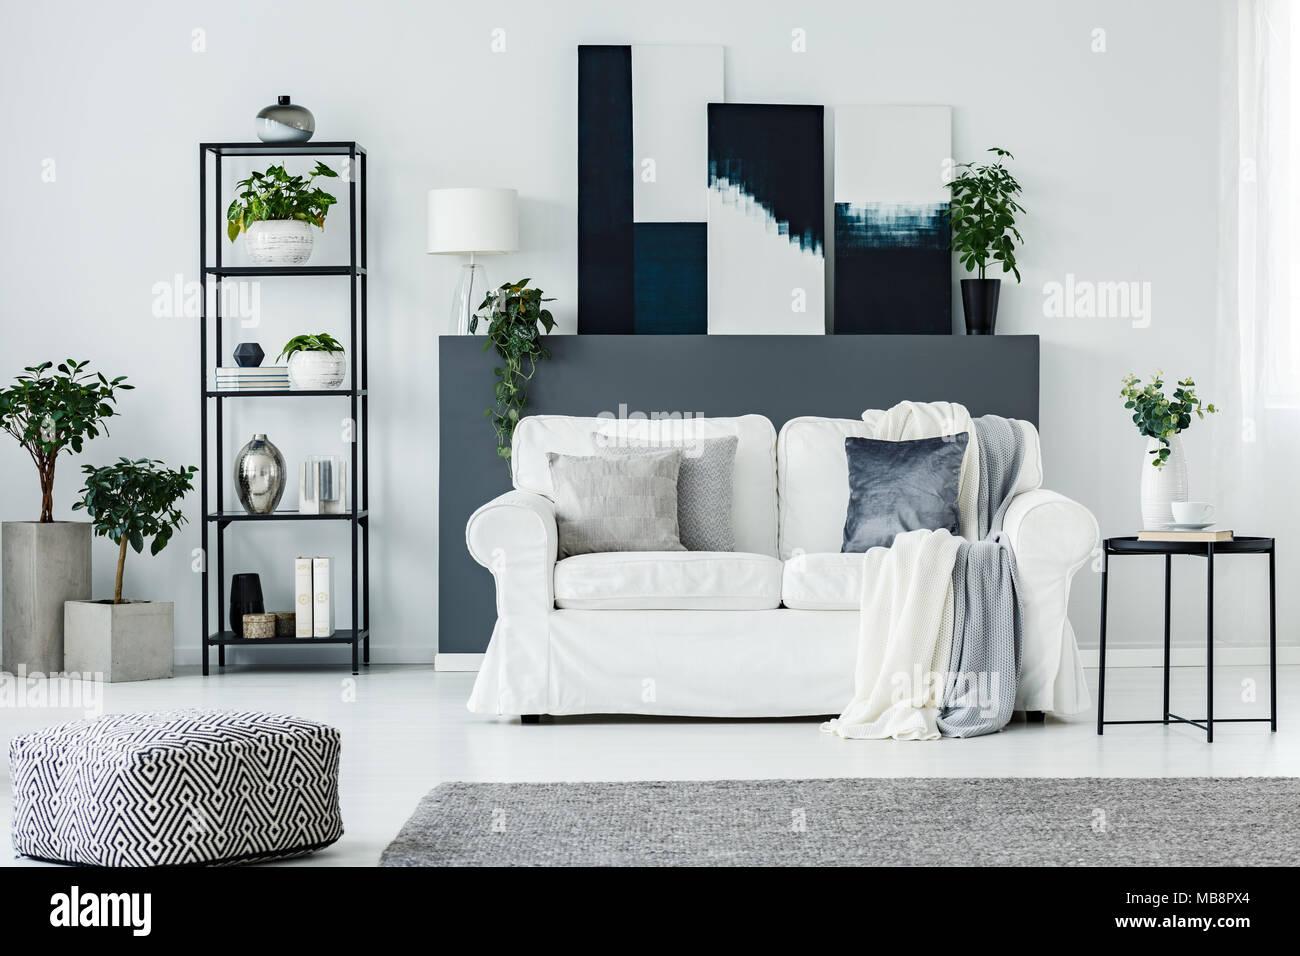 Bequemes Sofa Durch Eine Graue Wand Mit Abstrakten Gemälden In Einem  Designer Wohnzimmer Einrichtung Mit Pflanzen In Stilvollen Konkrete  Pflanzmaschinen